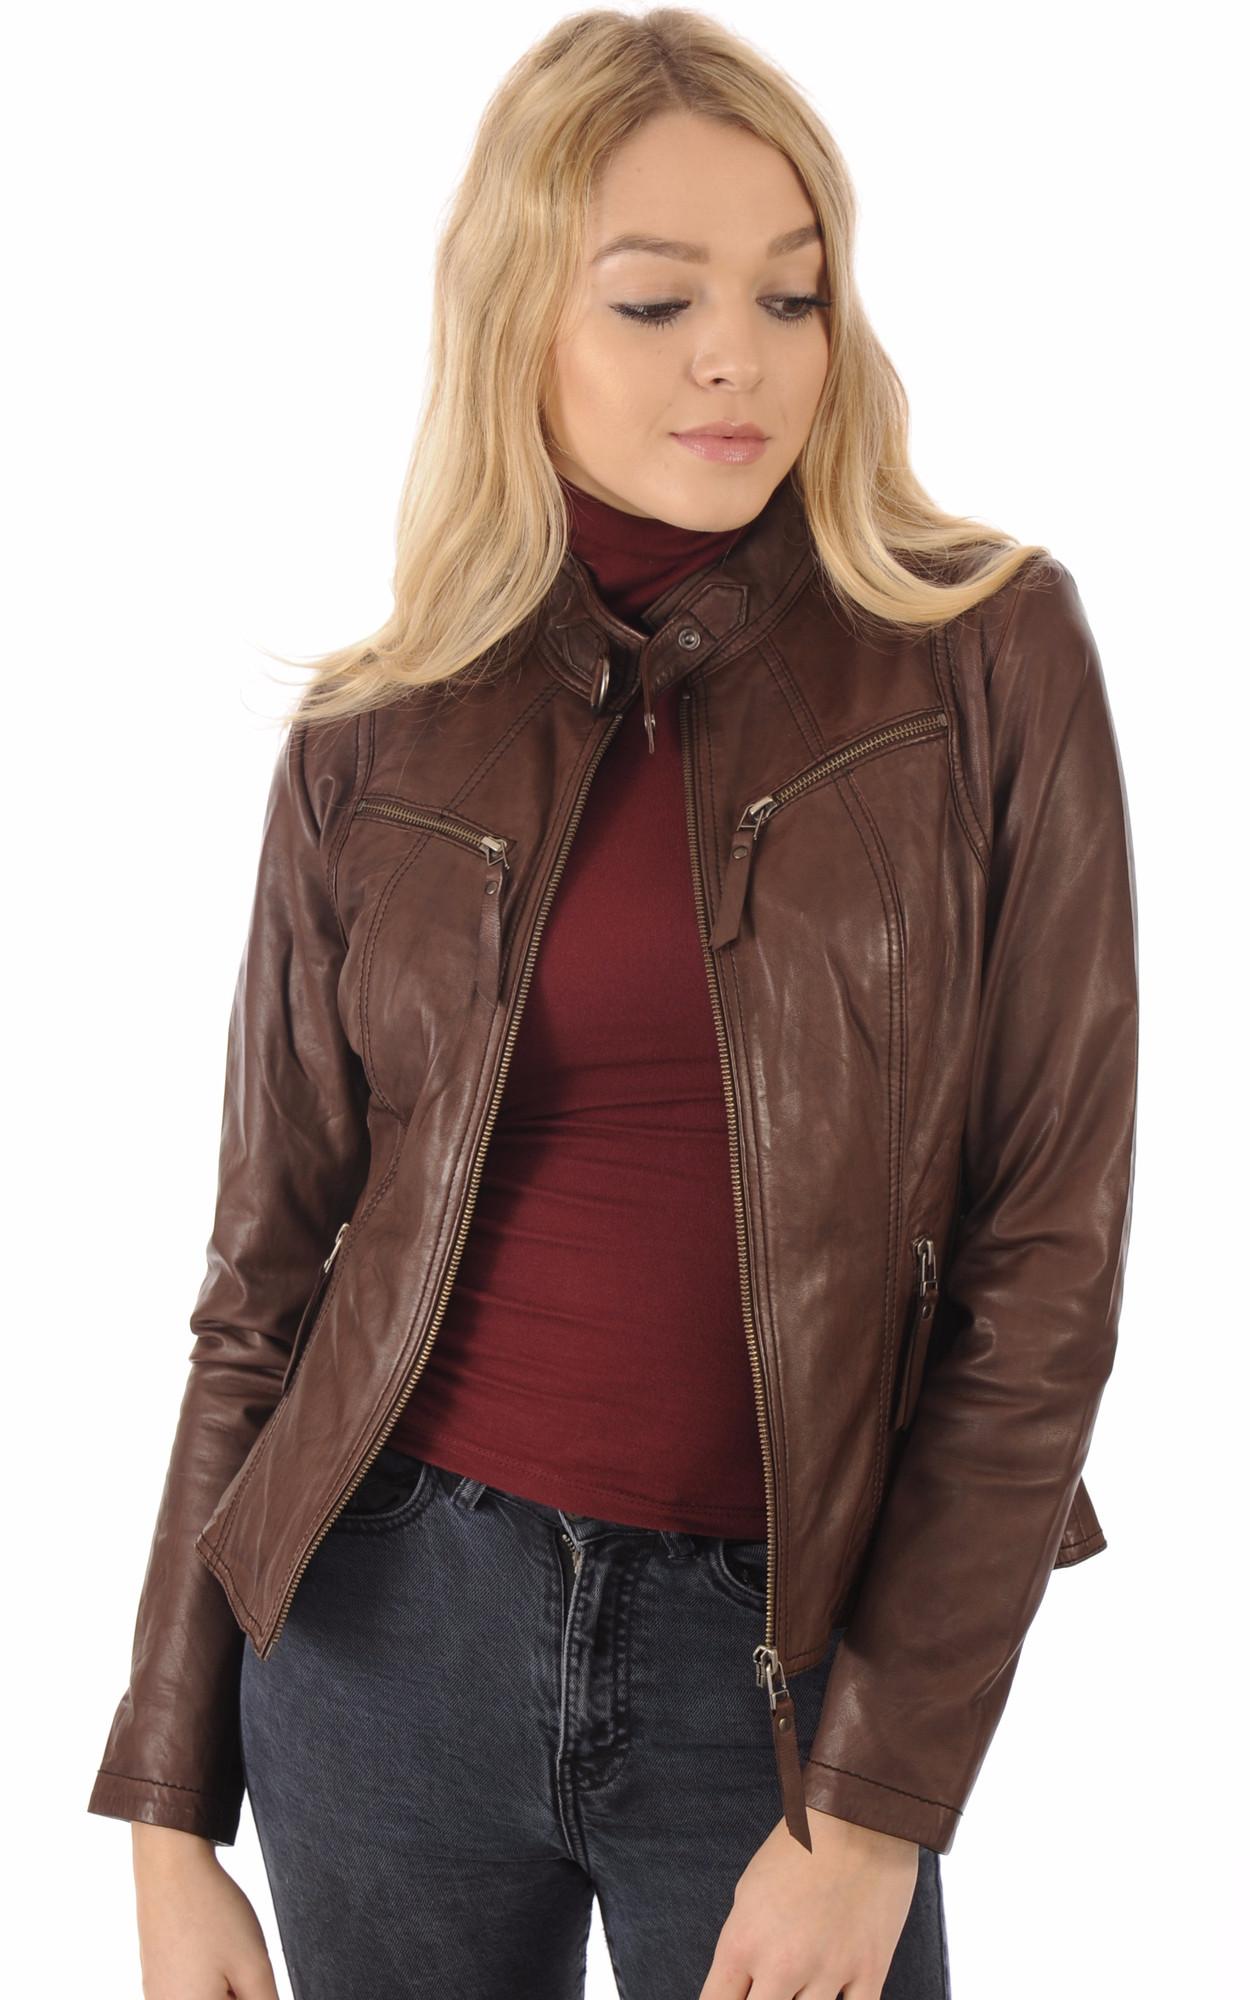 Veste blouson cuir femme marron